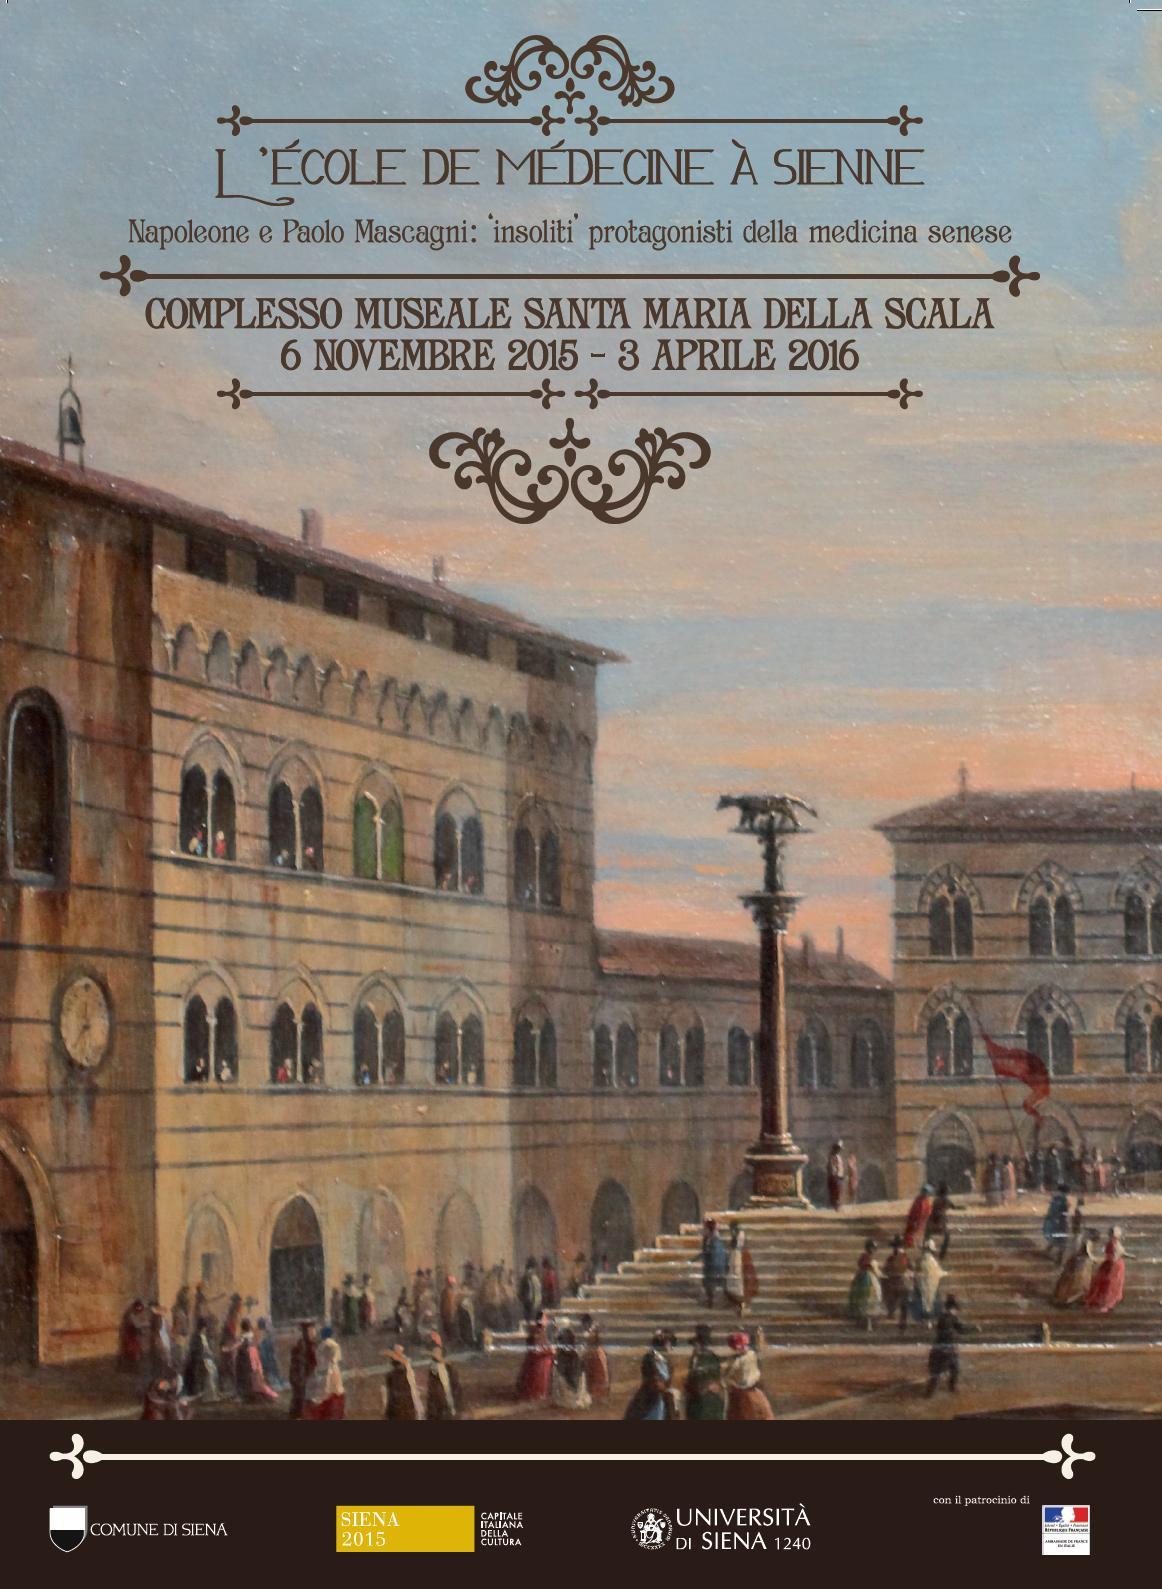 L'école de Médecine à Sienne. Napoleone e Paolo Mascagni 'insoliti' protagonisti della medicina senese